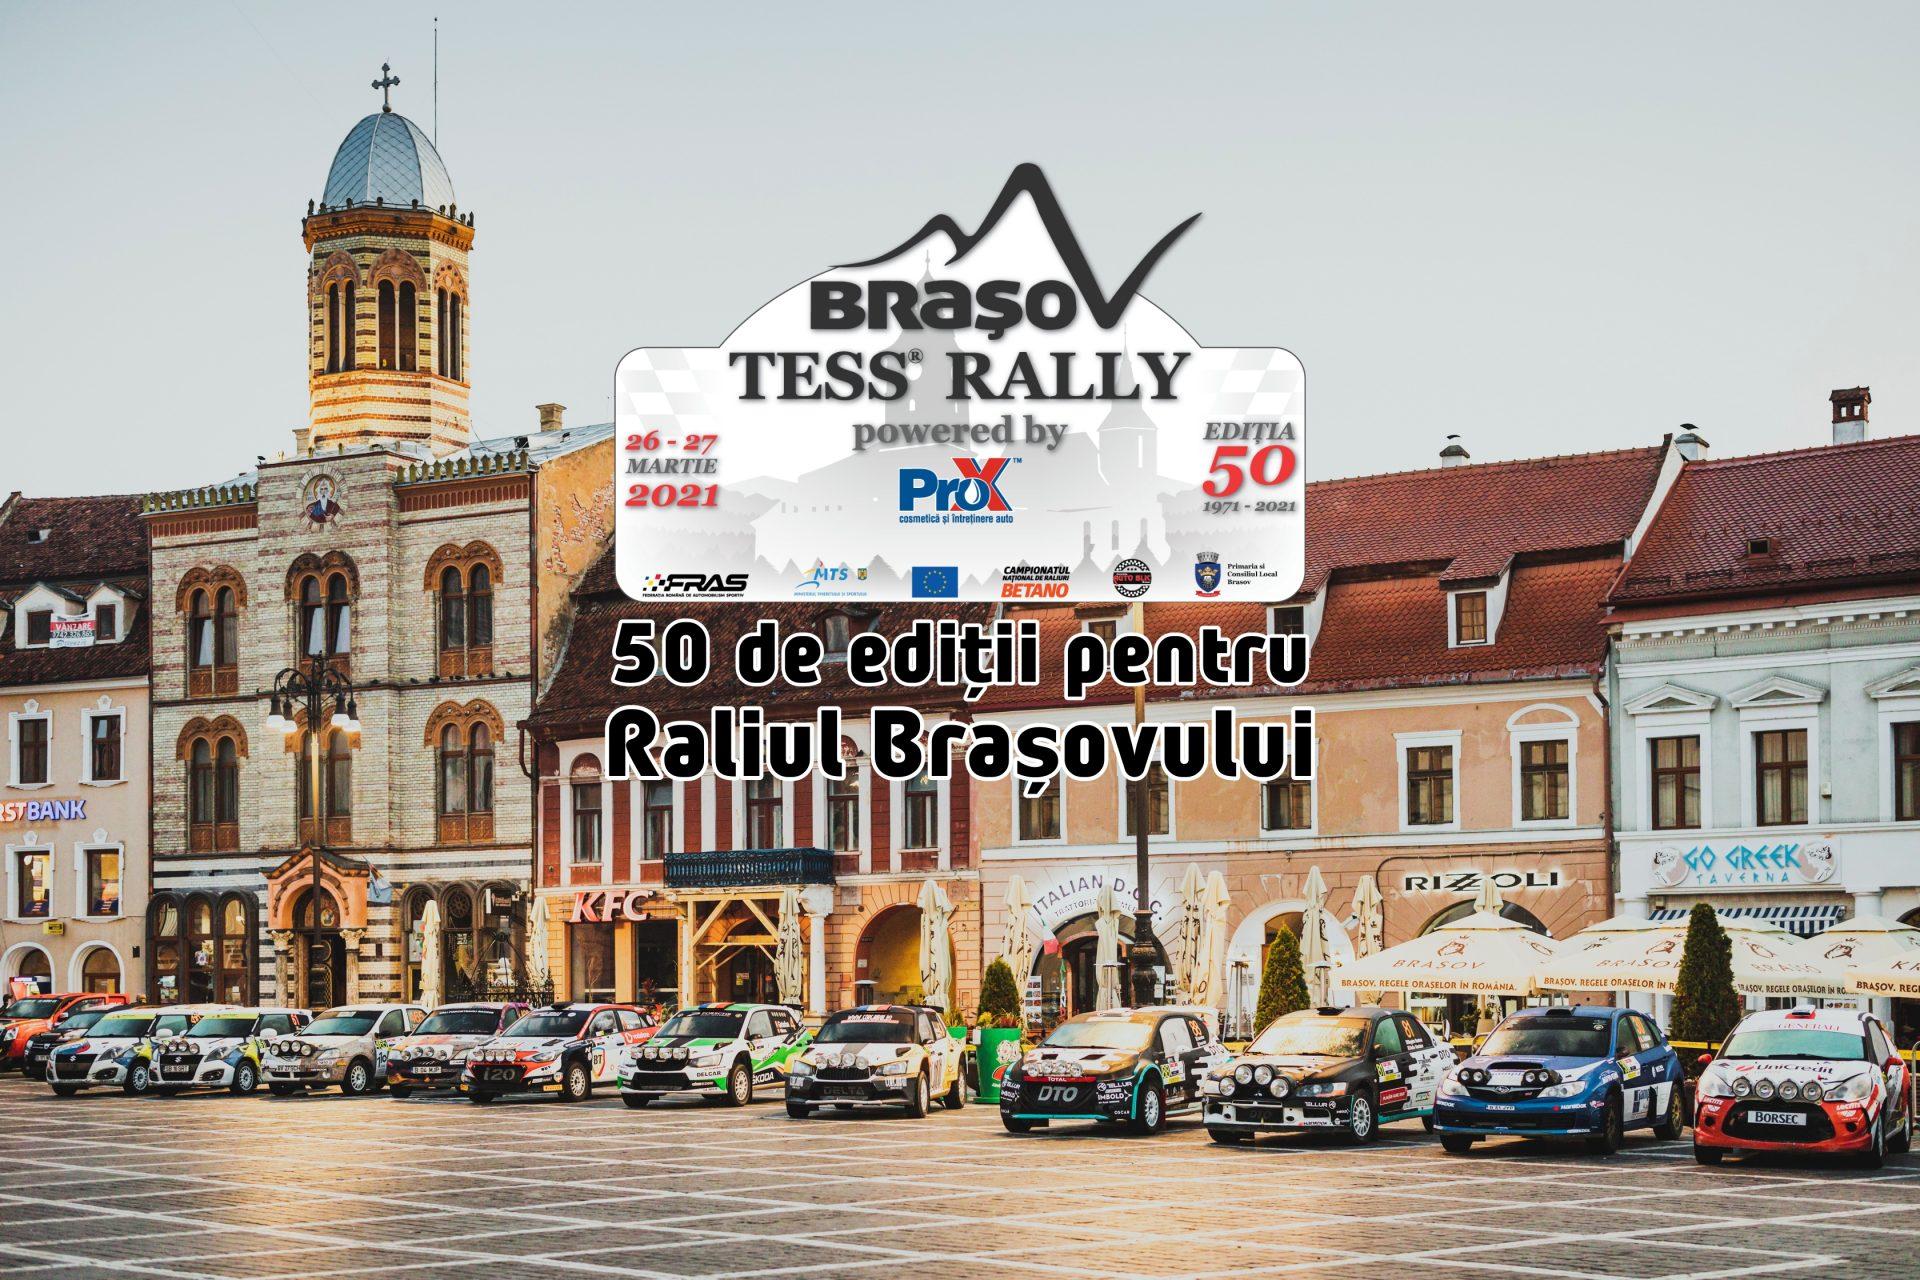 Raliul Brașovului sărbătorește 50 de ani cu o ediție specială